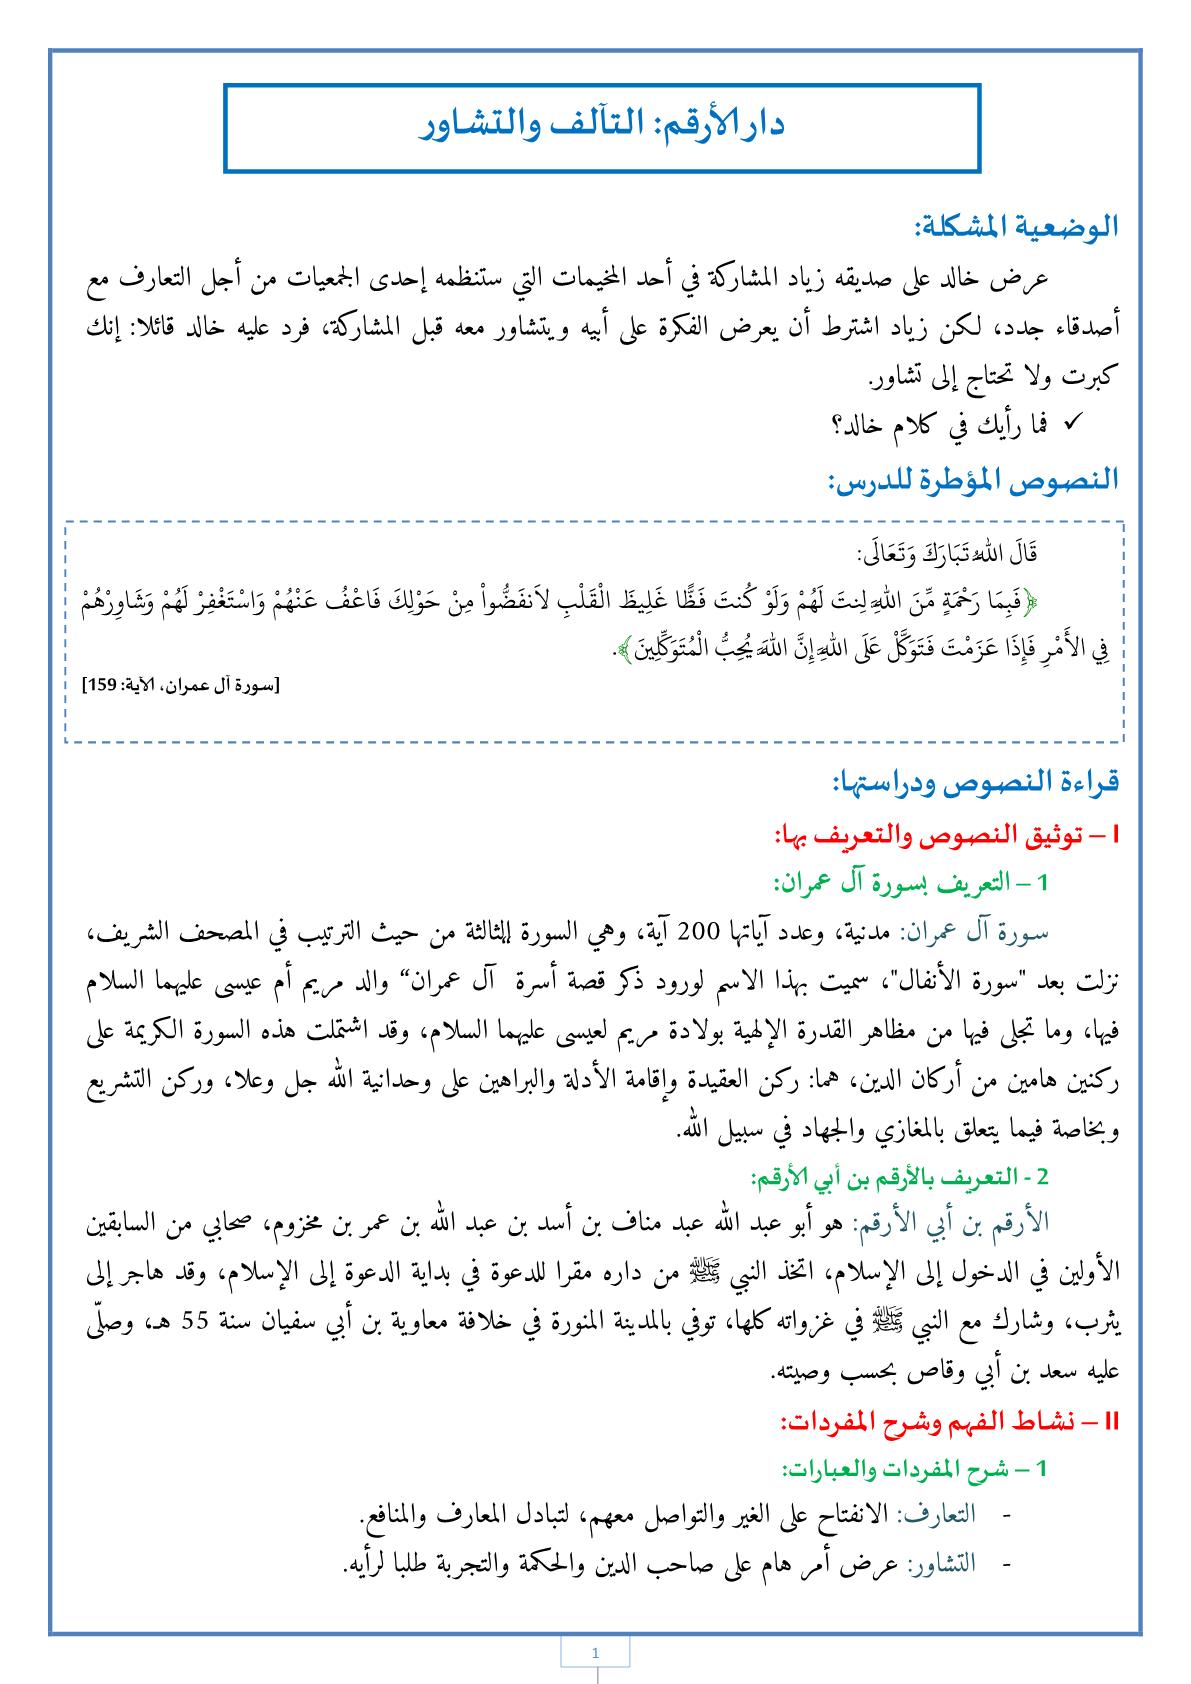 درس دار الأرقم التالف والتشاور مادة التربية الإسلامية للسنة الأولى إعدادي